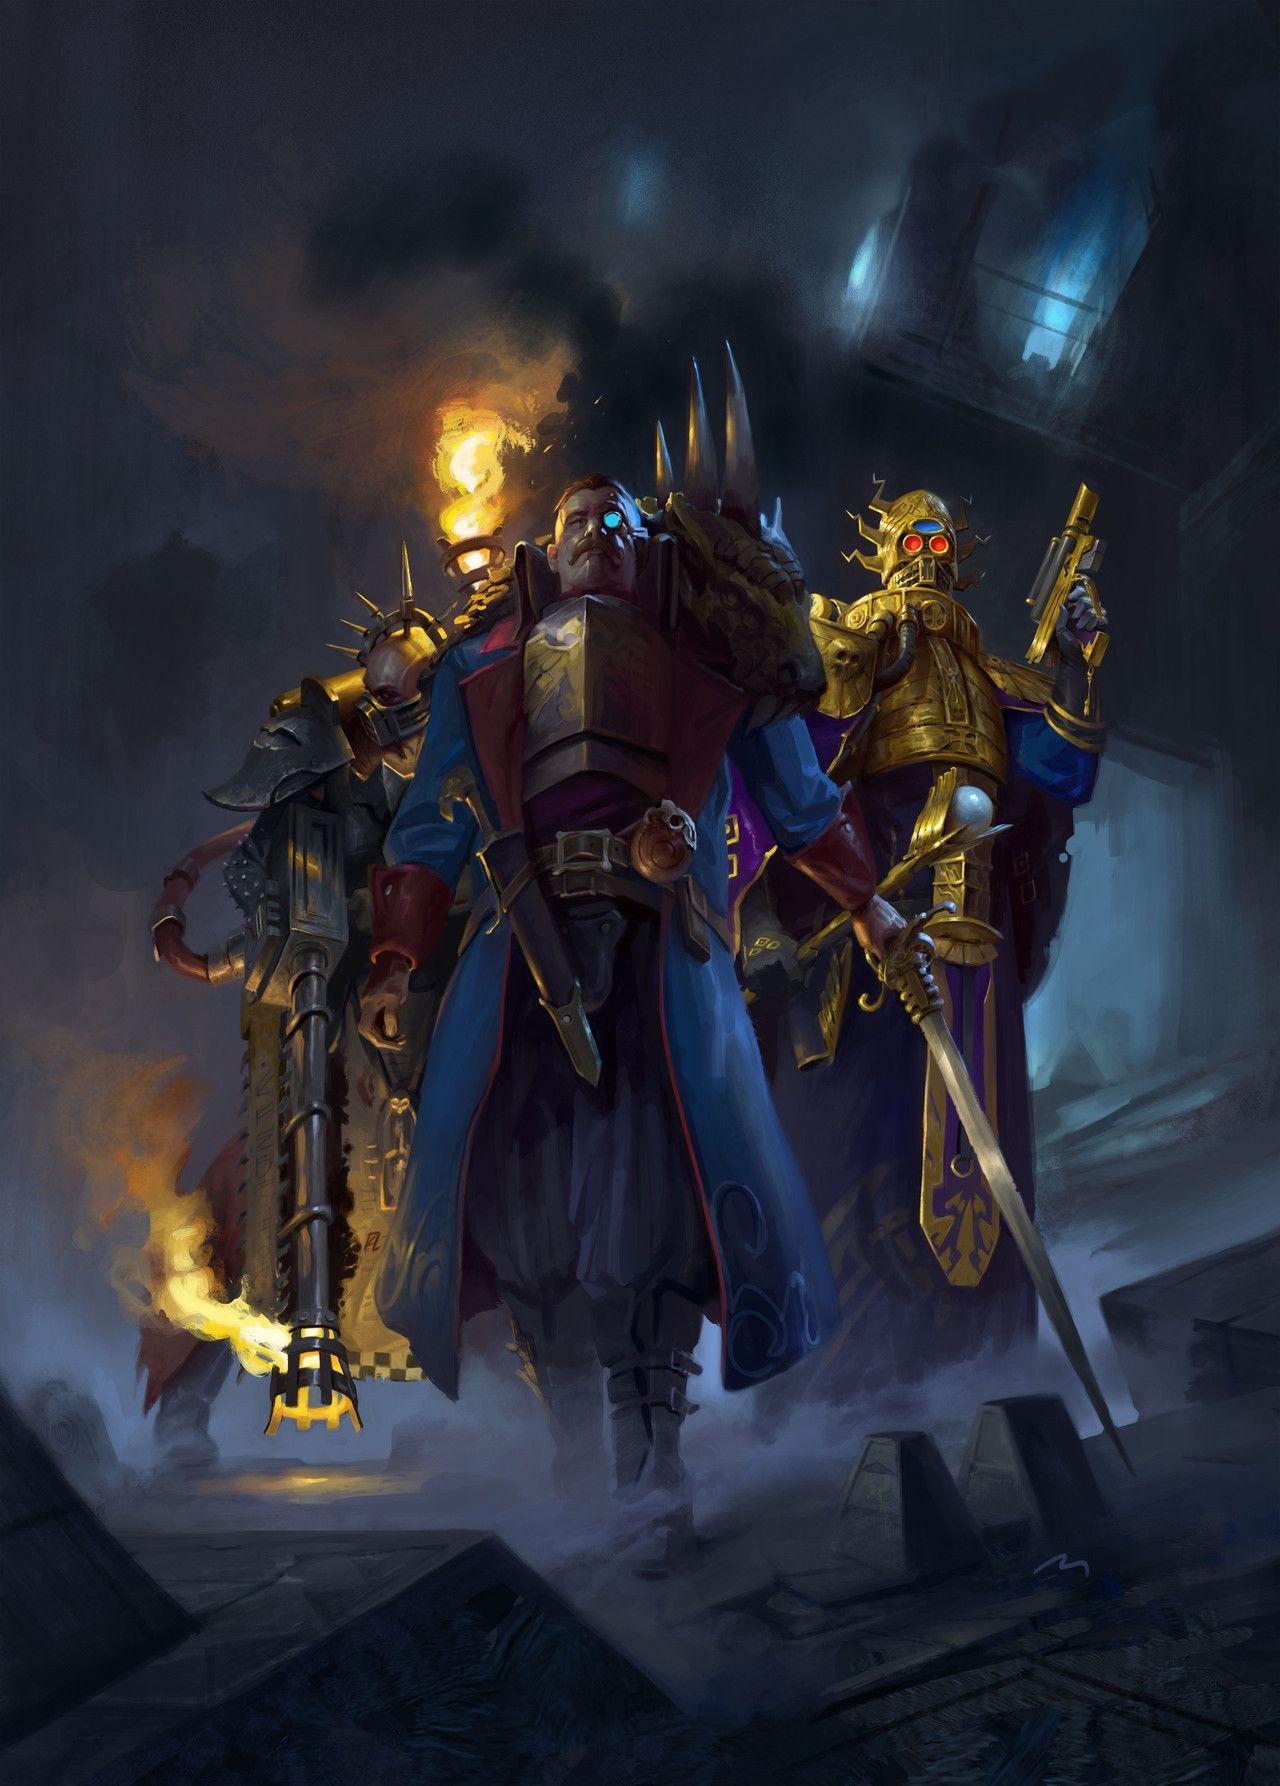 Warhammer 40k artwork: Photo | Warhammer 40000 | Art